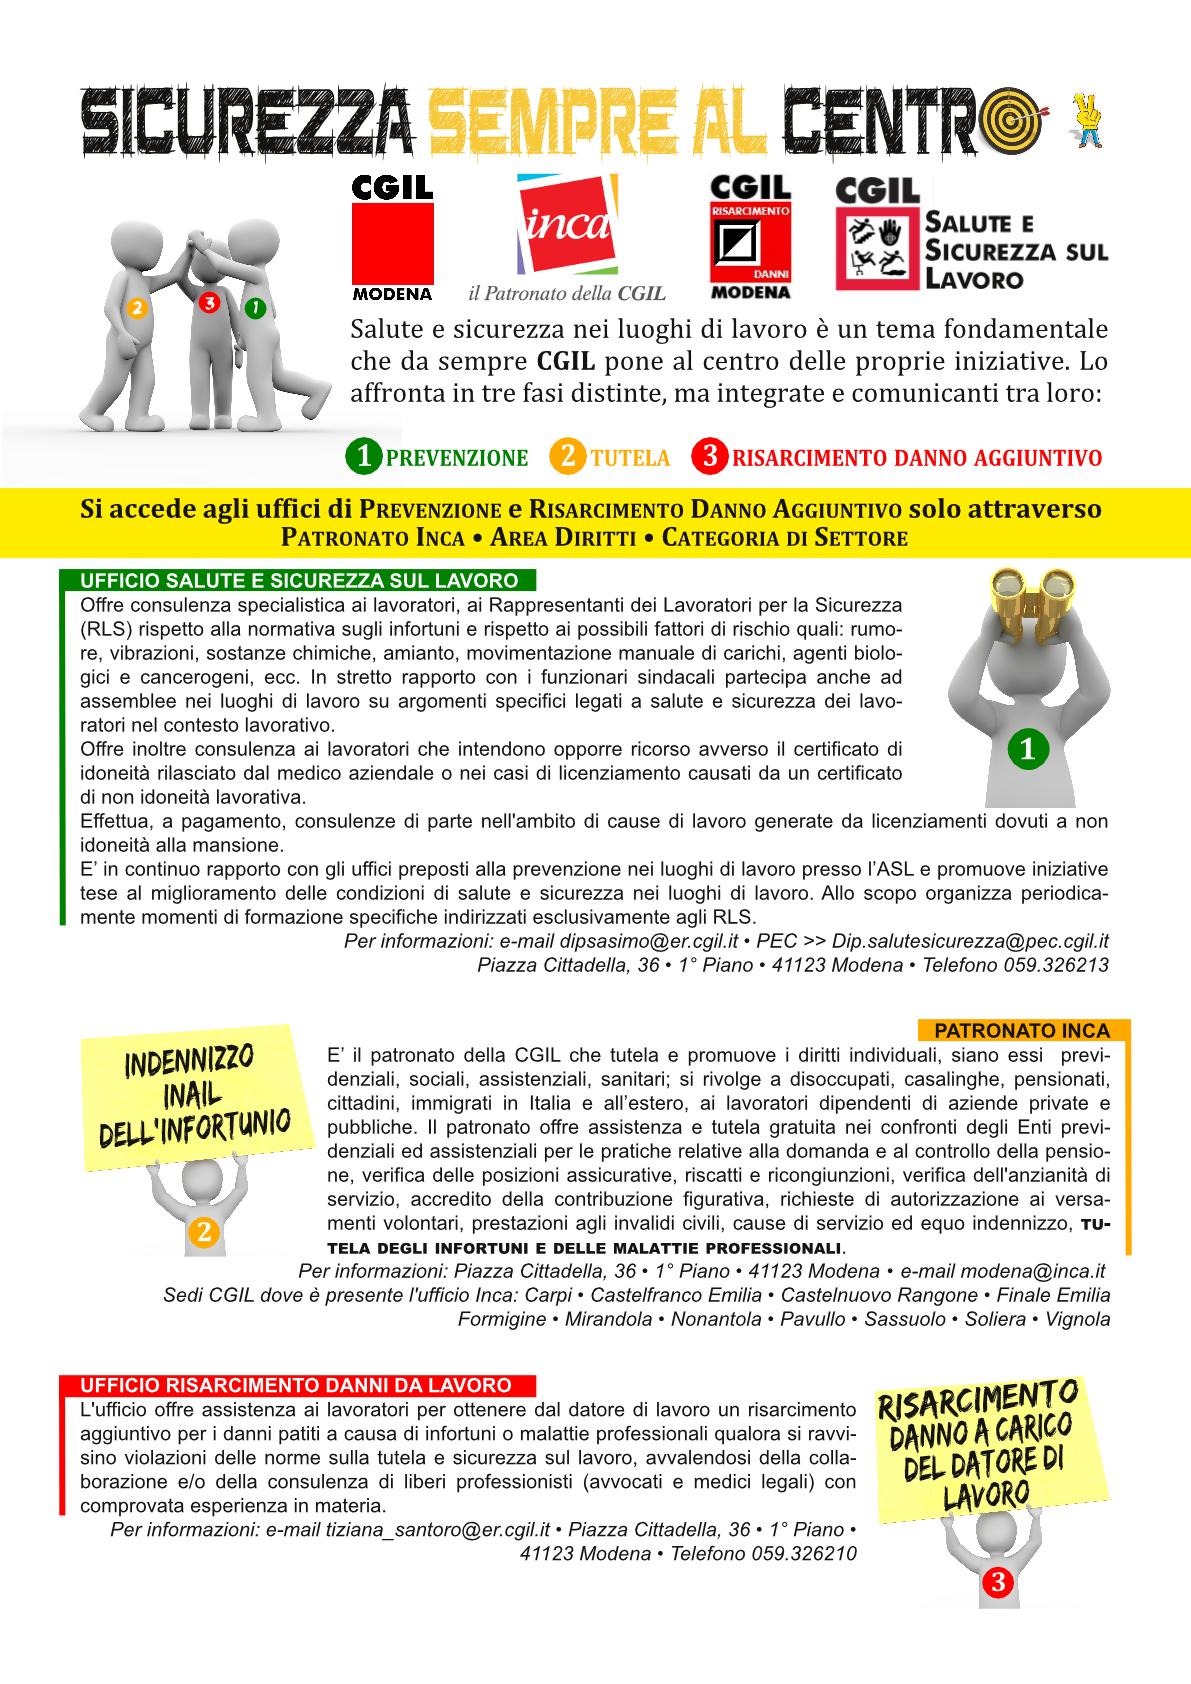 3 risposte di Cgil Modena per la salute e sicurezza sul luogo lavoro